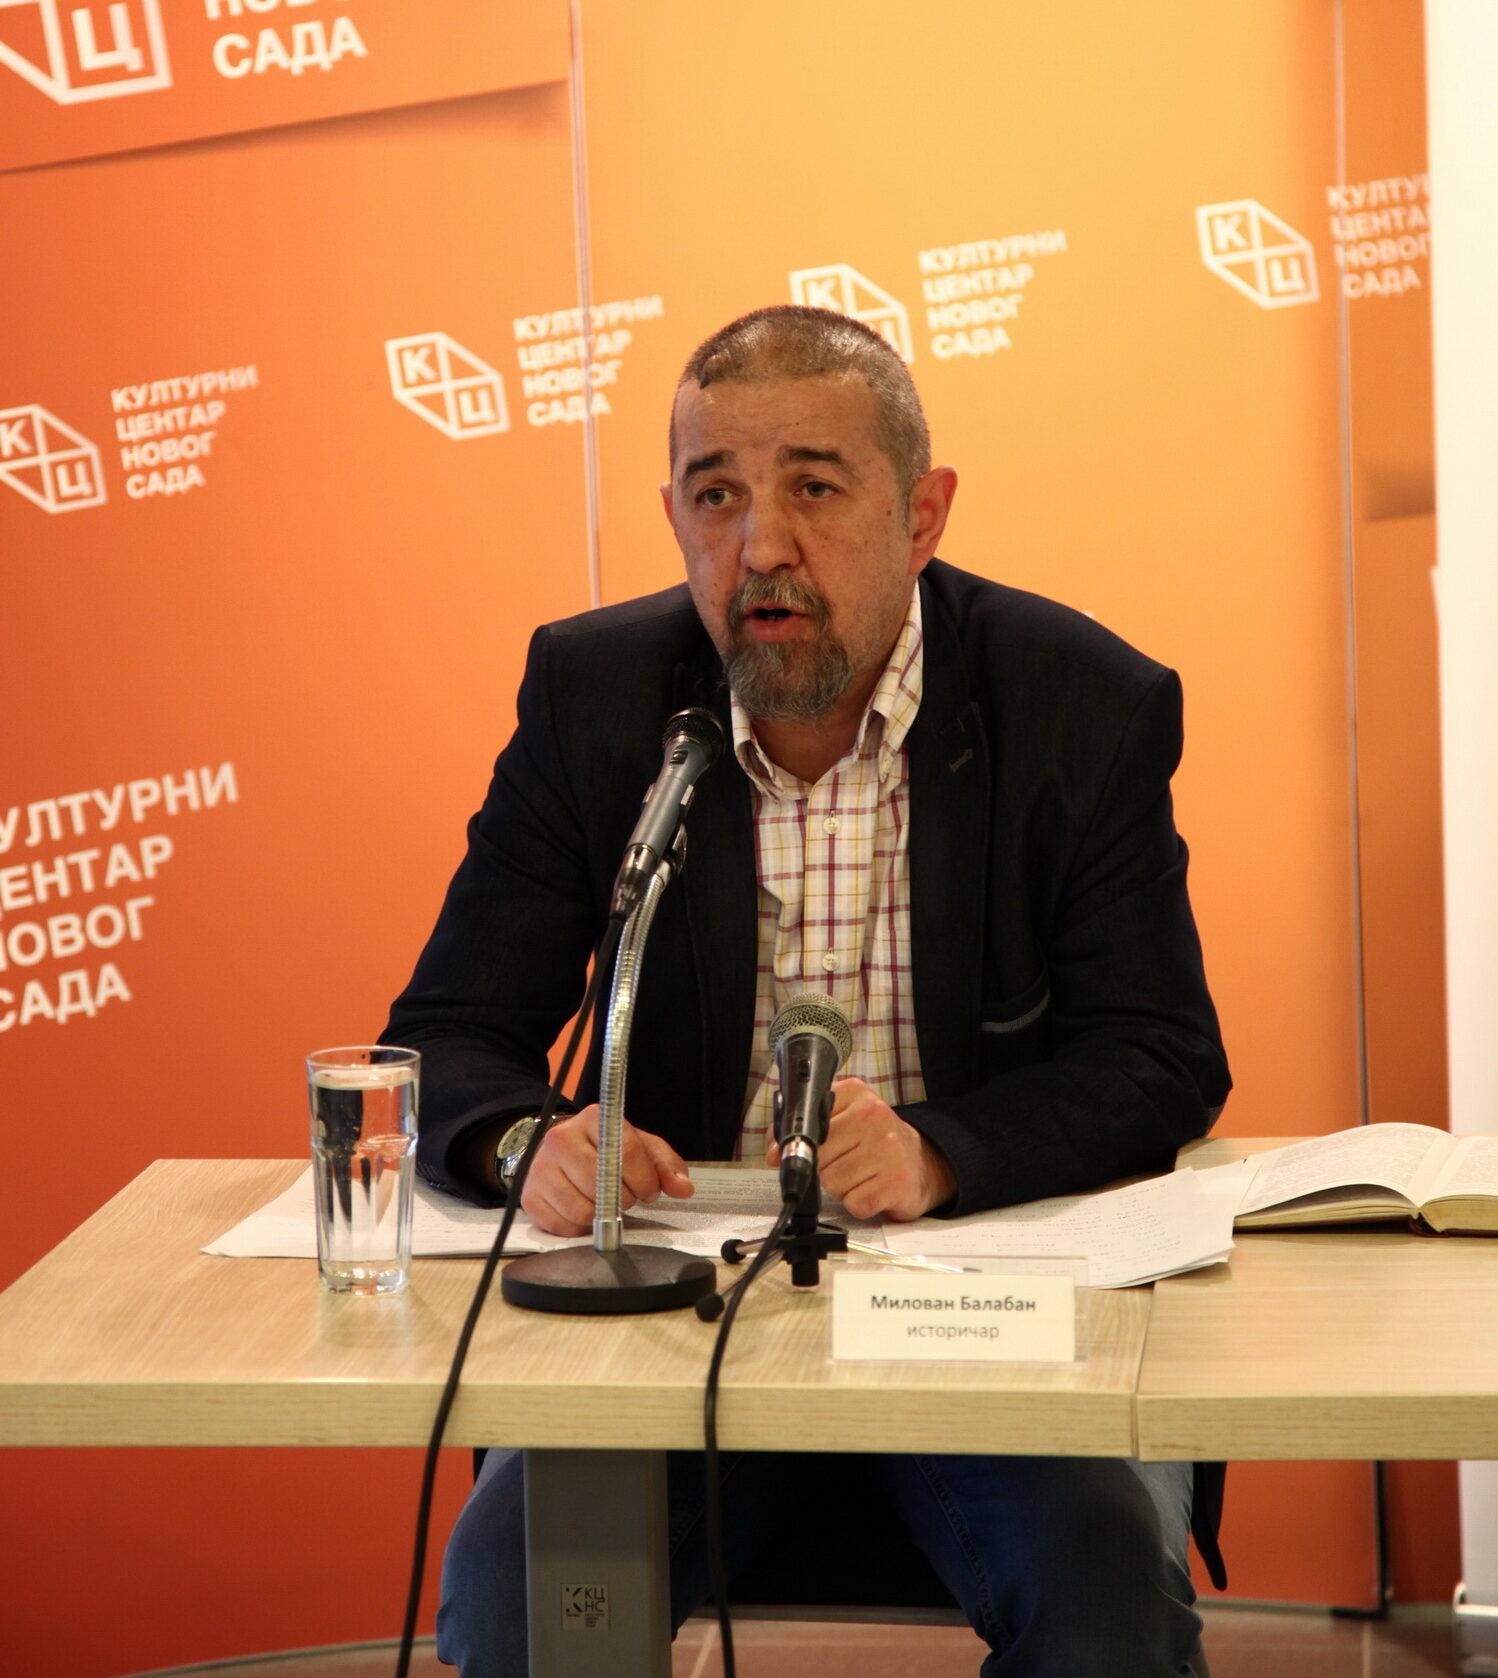 """Tribina """"Zapad i Rusija – konflikt i prožimanje"""" 26. jula u klubu """"Tribina mladih"""""""